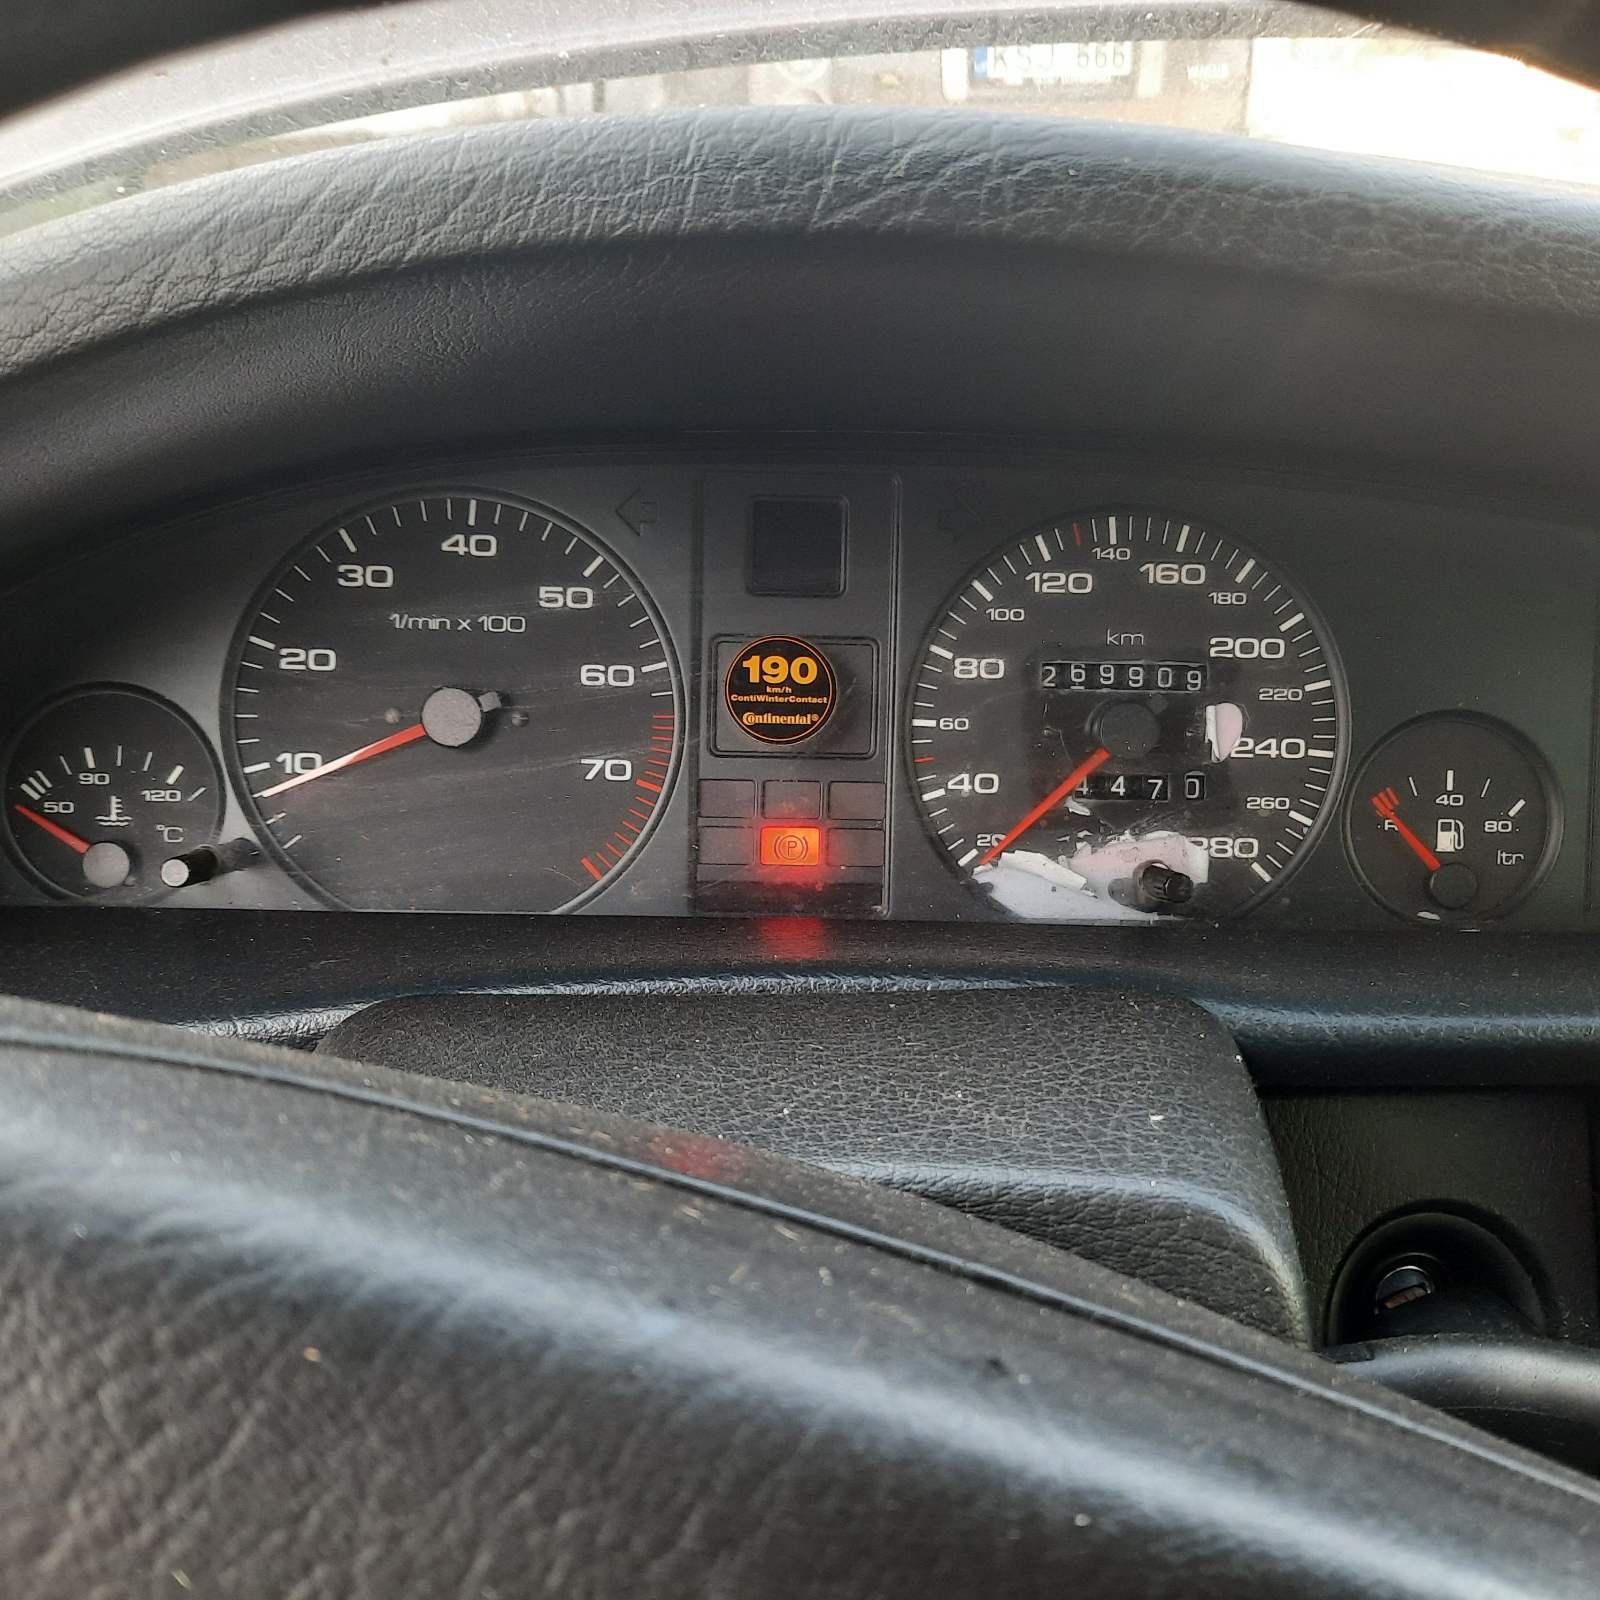 Подержанные Автозапчасти Audi 100 1991 2.0 машиностроение седан 4/5 d. красный 2021-7-24